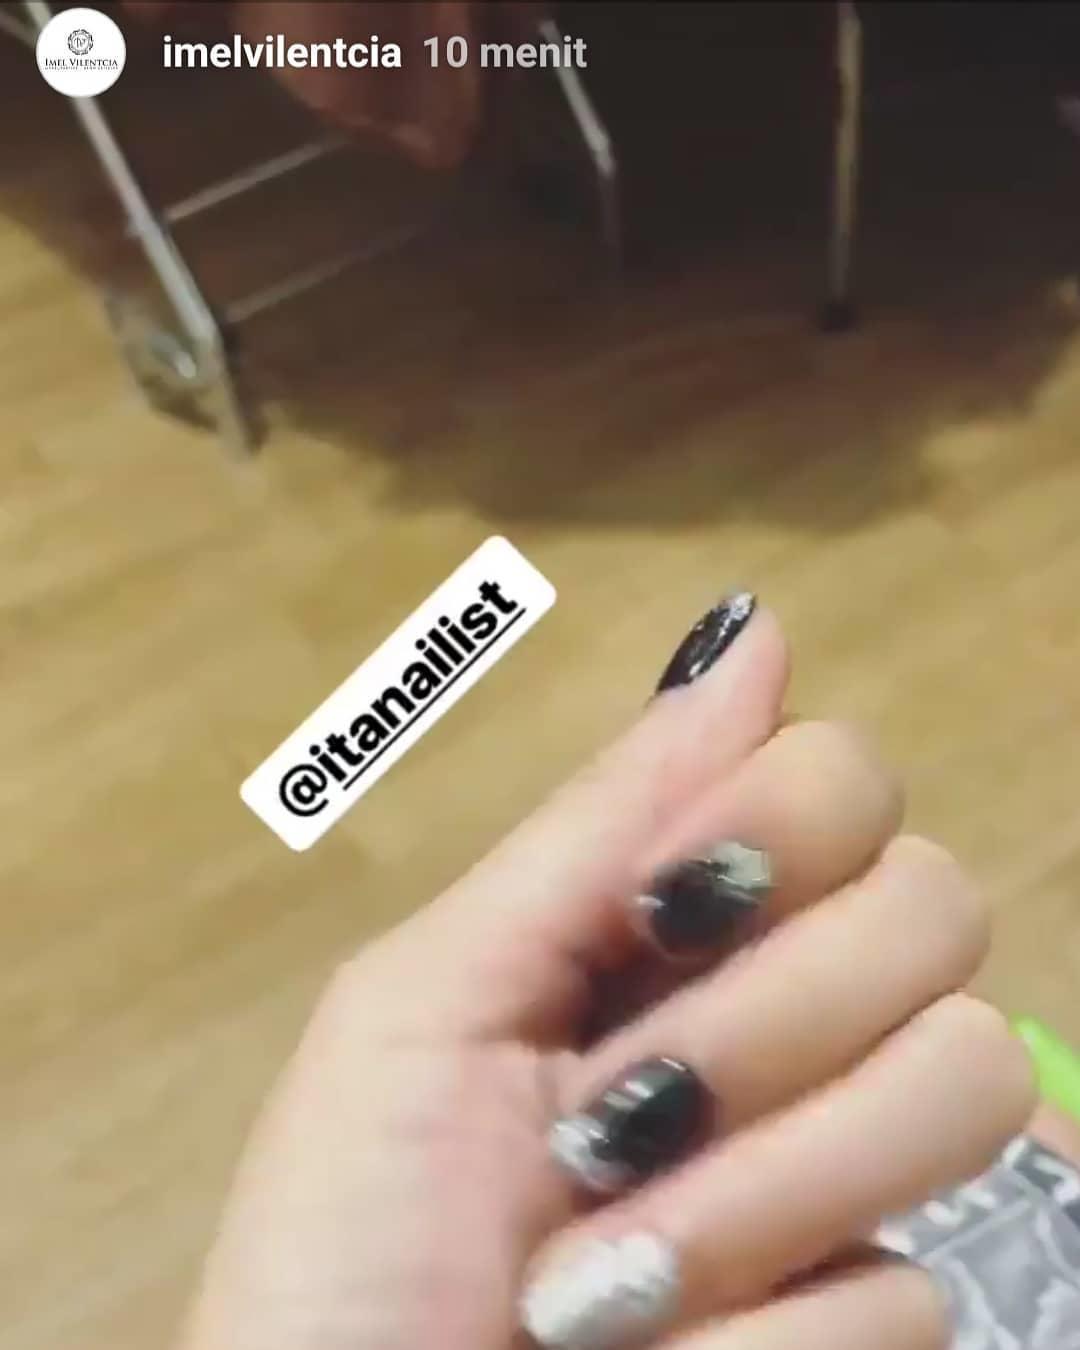 fake nail designs 5 - DIY Easy Fake Nails That Last Three Weeks & Fake Nail Designs